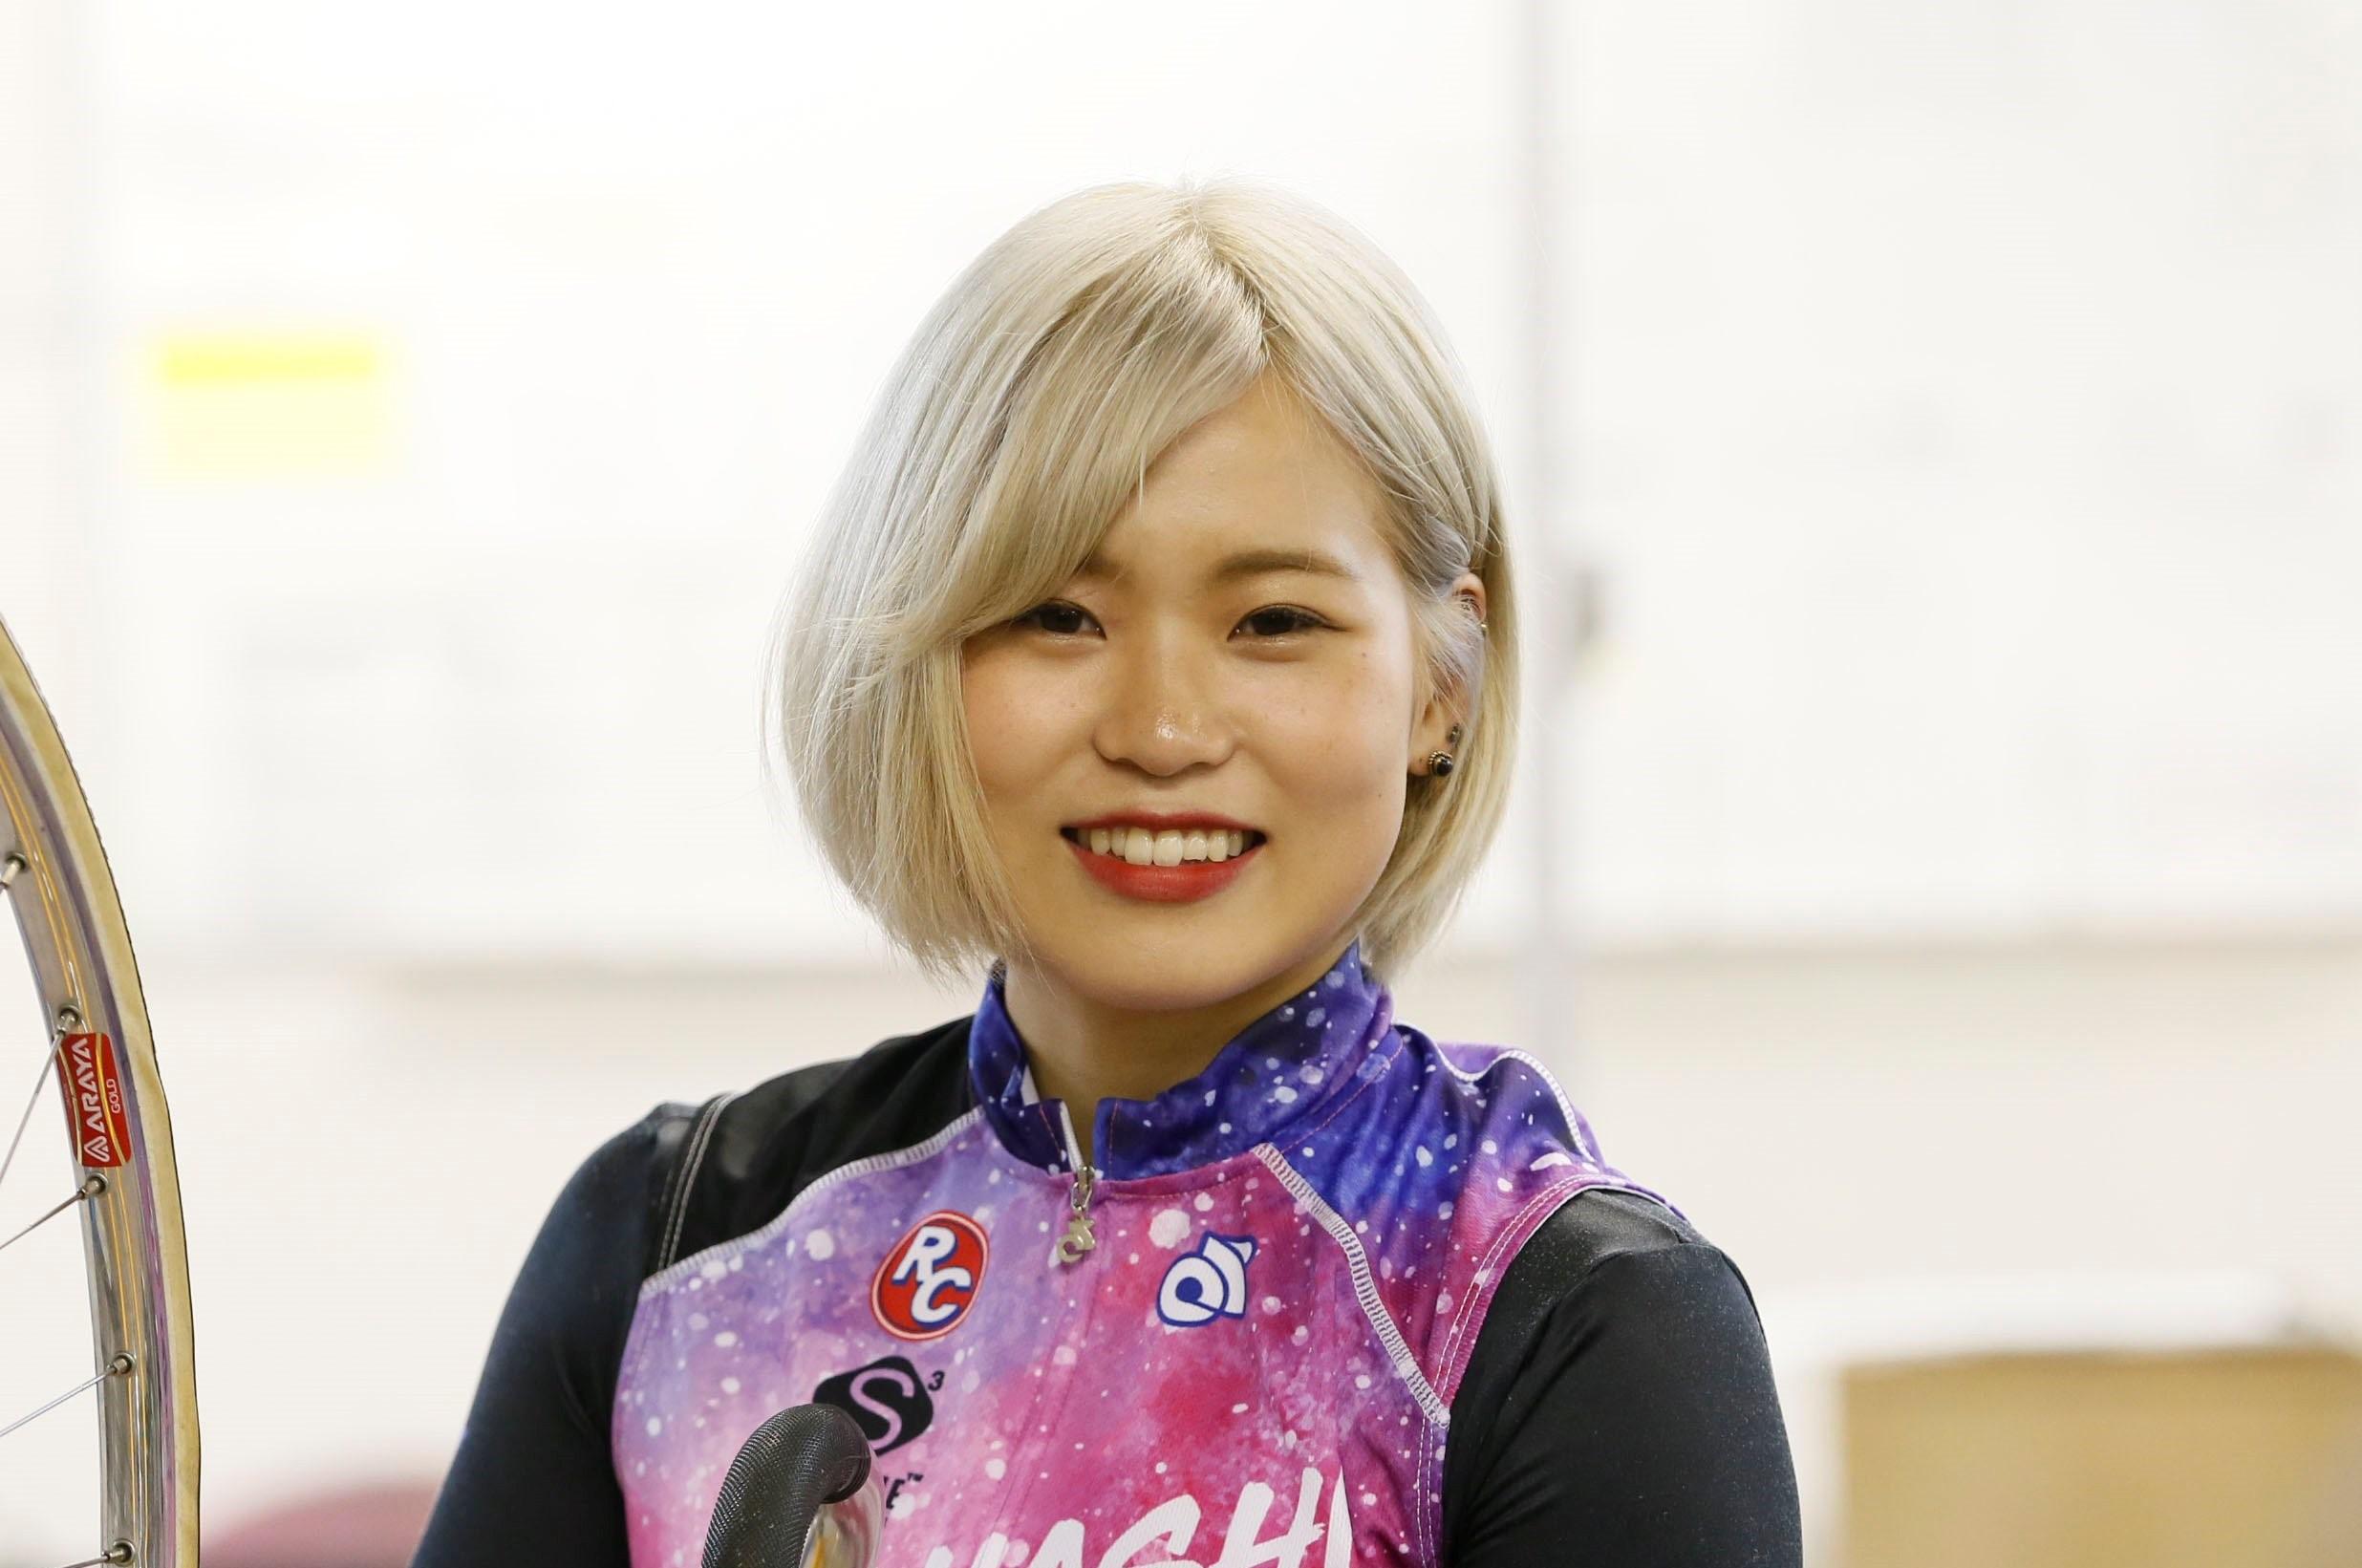 【ガールズ名鑑♀】美人かわいい競輪選手「高橋朋恵」のプロフィールから個人情報まで